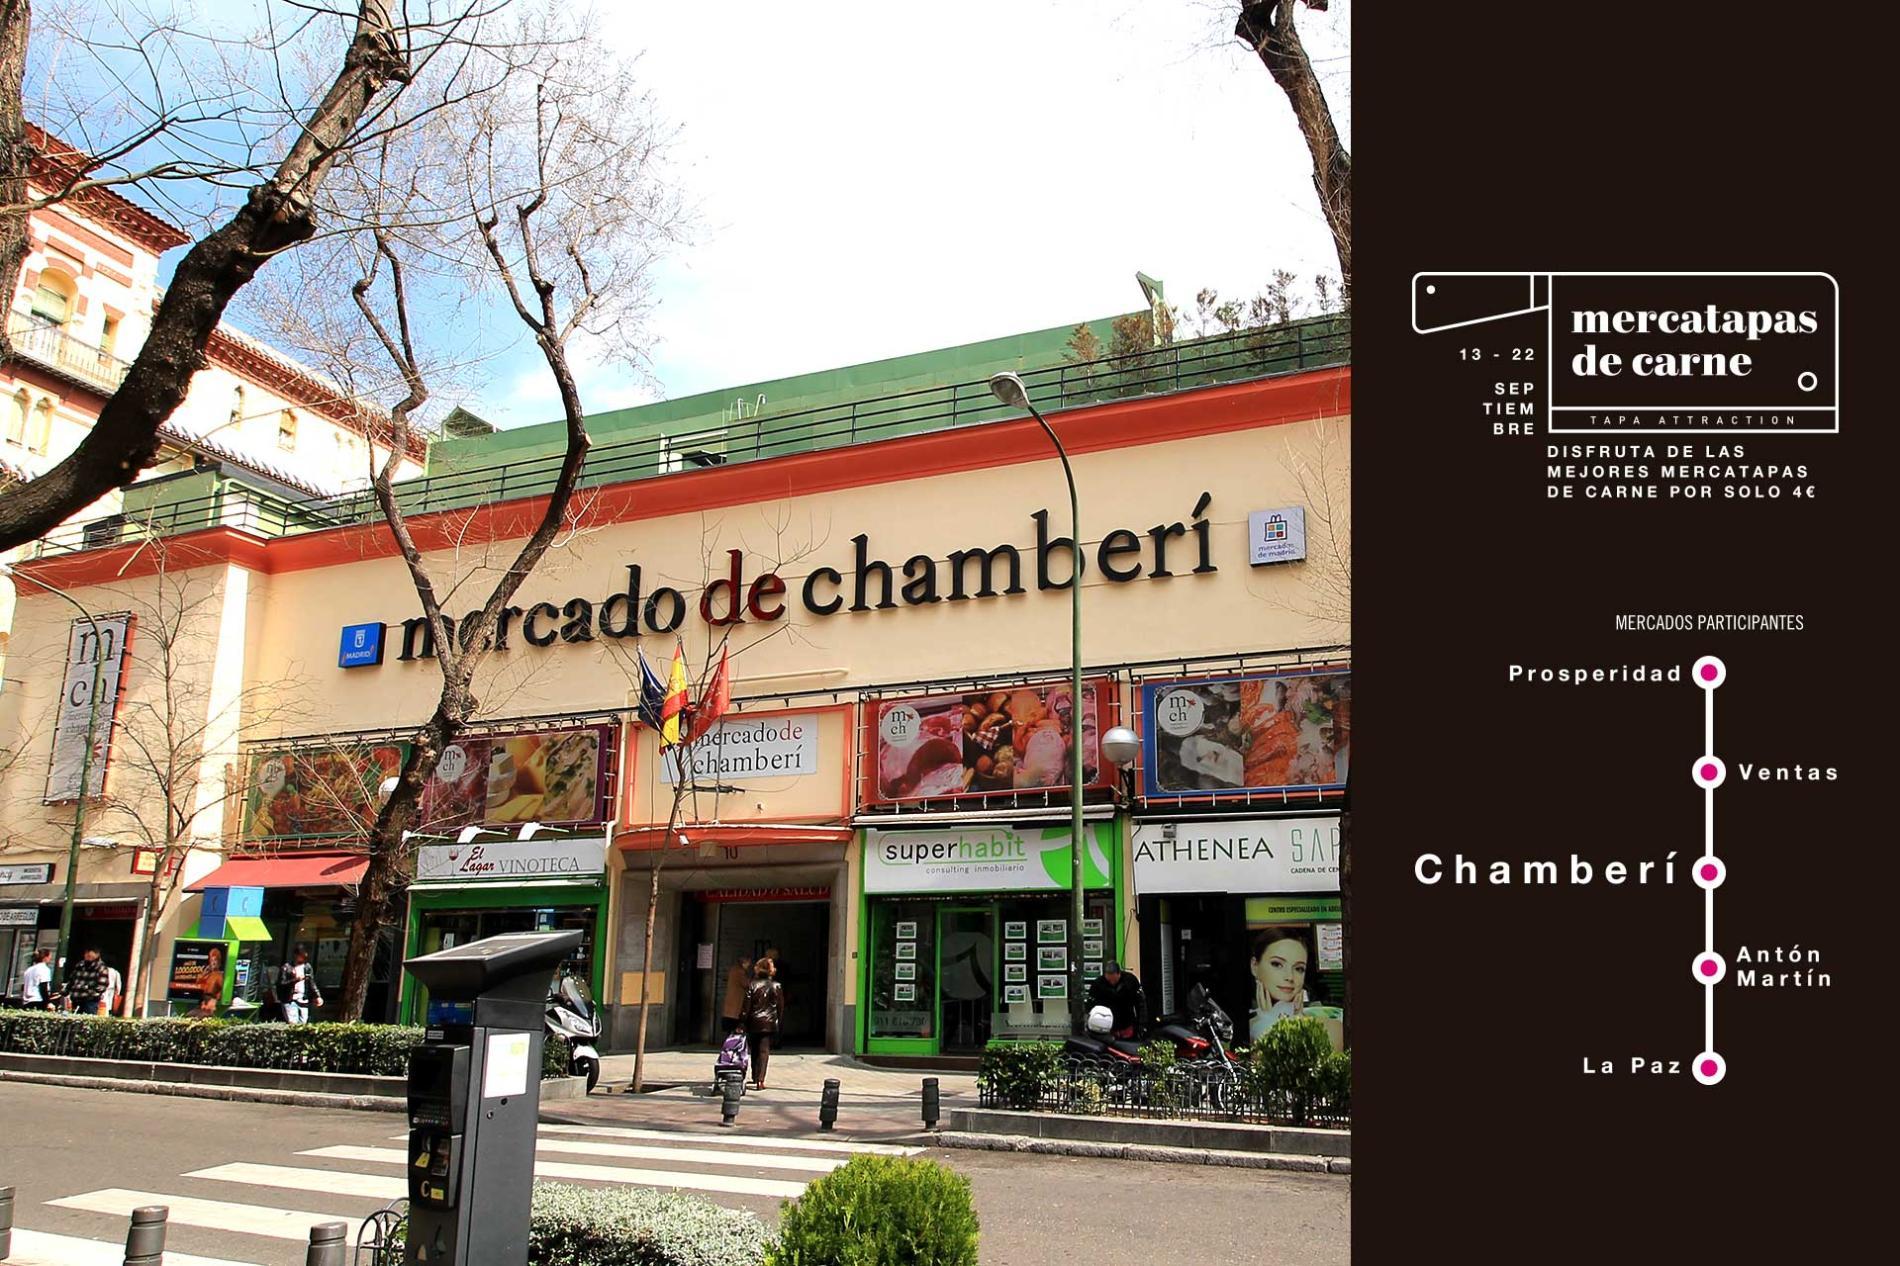 Mercado de Chamberí